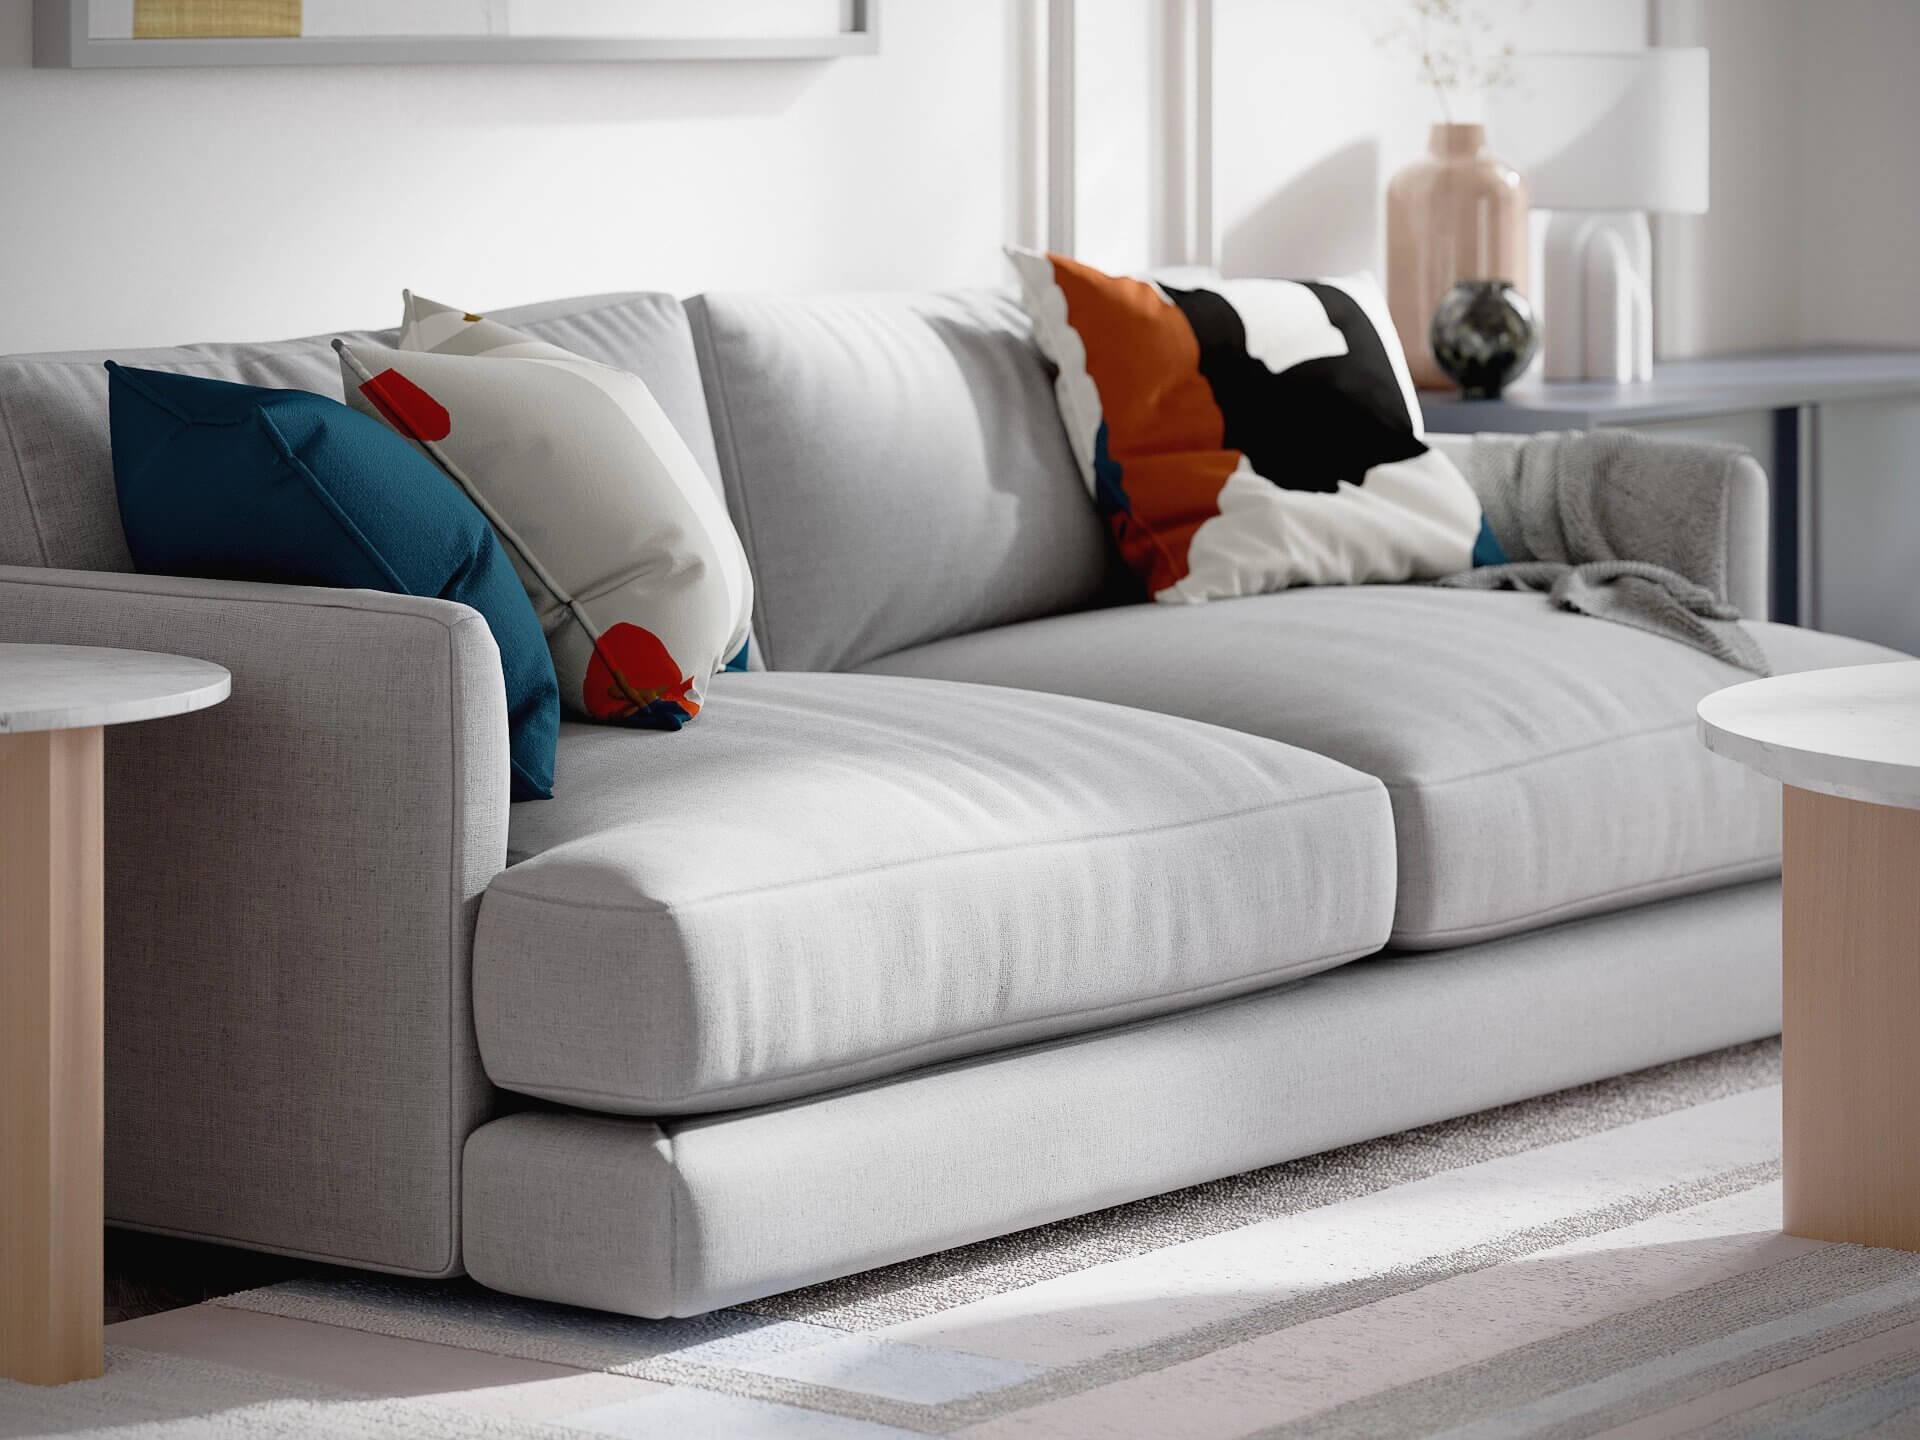 3D Visualization of a Comfy Sofa